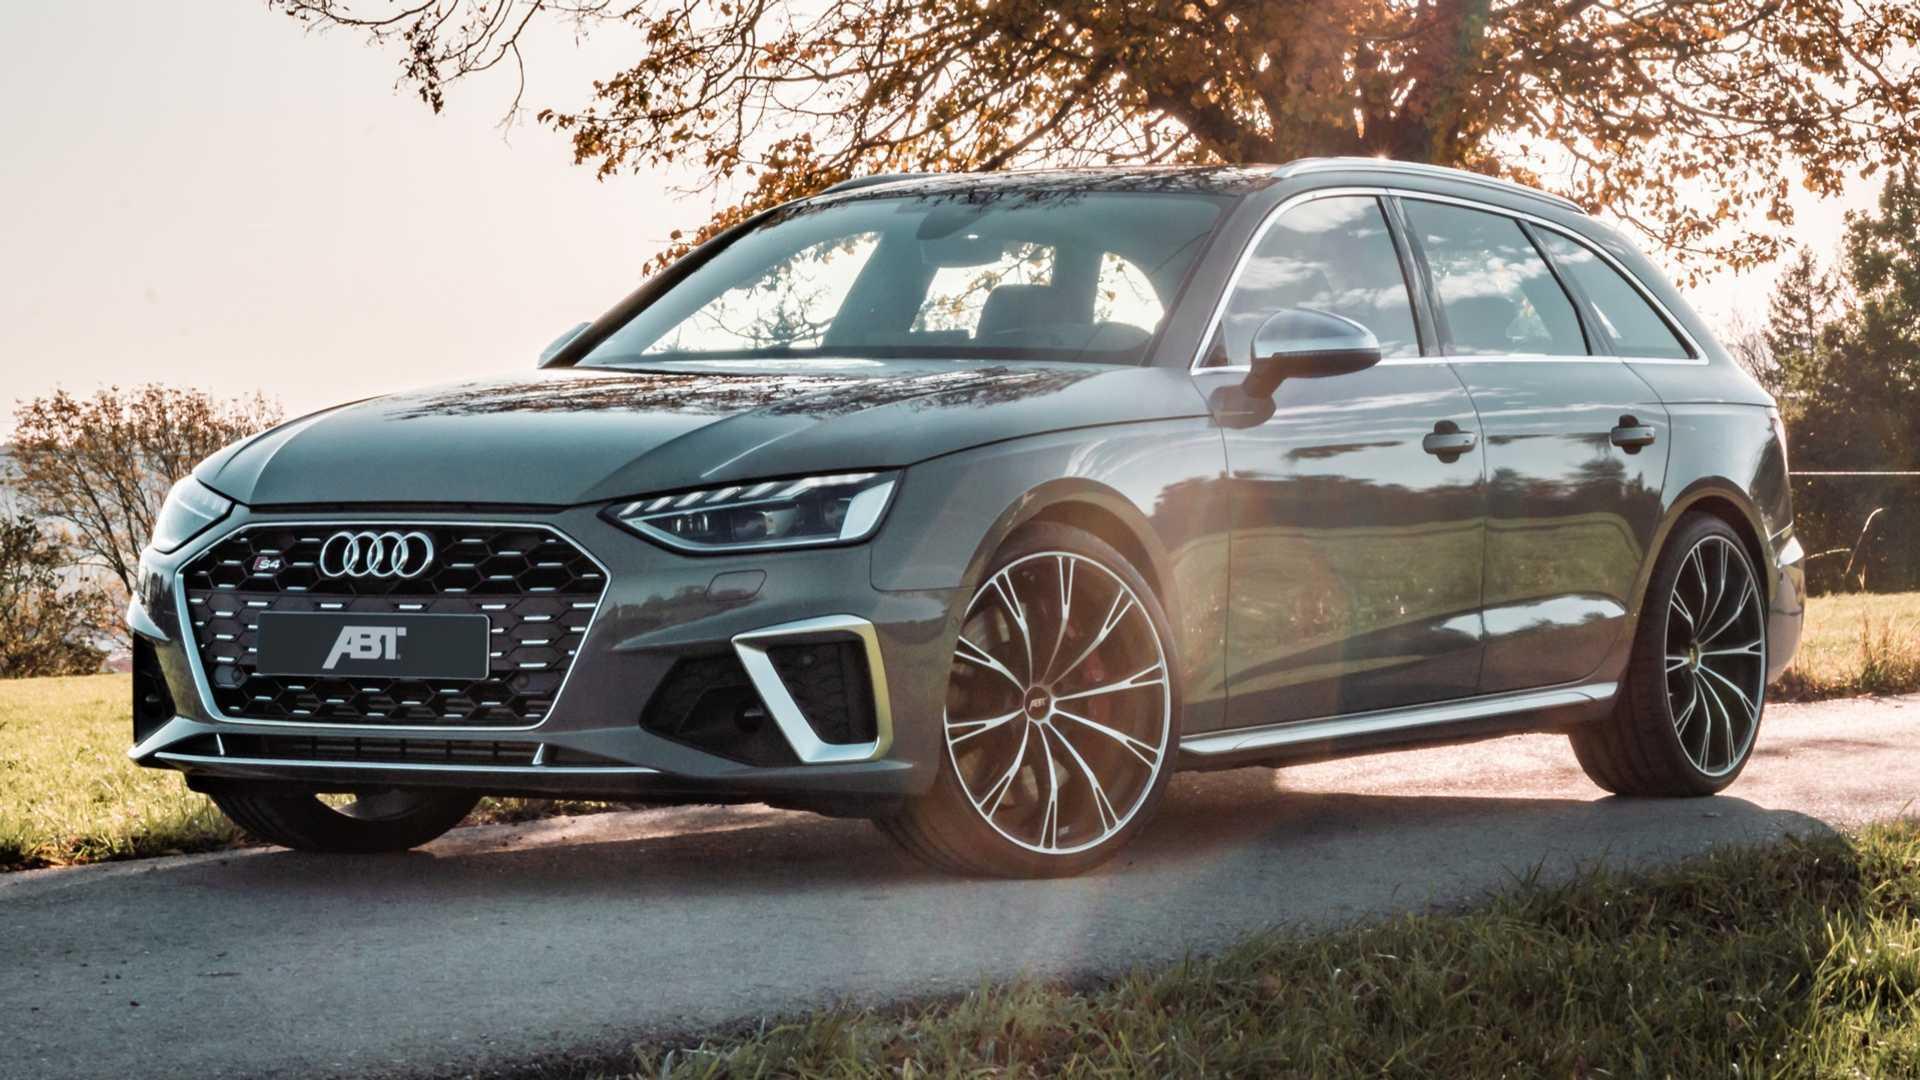 2020 Audi S4 Photos